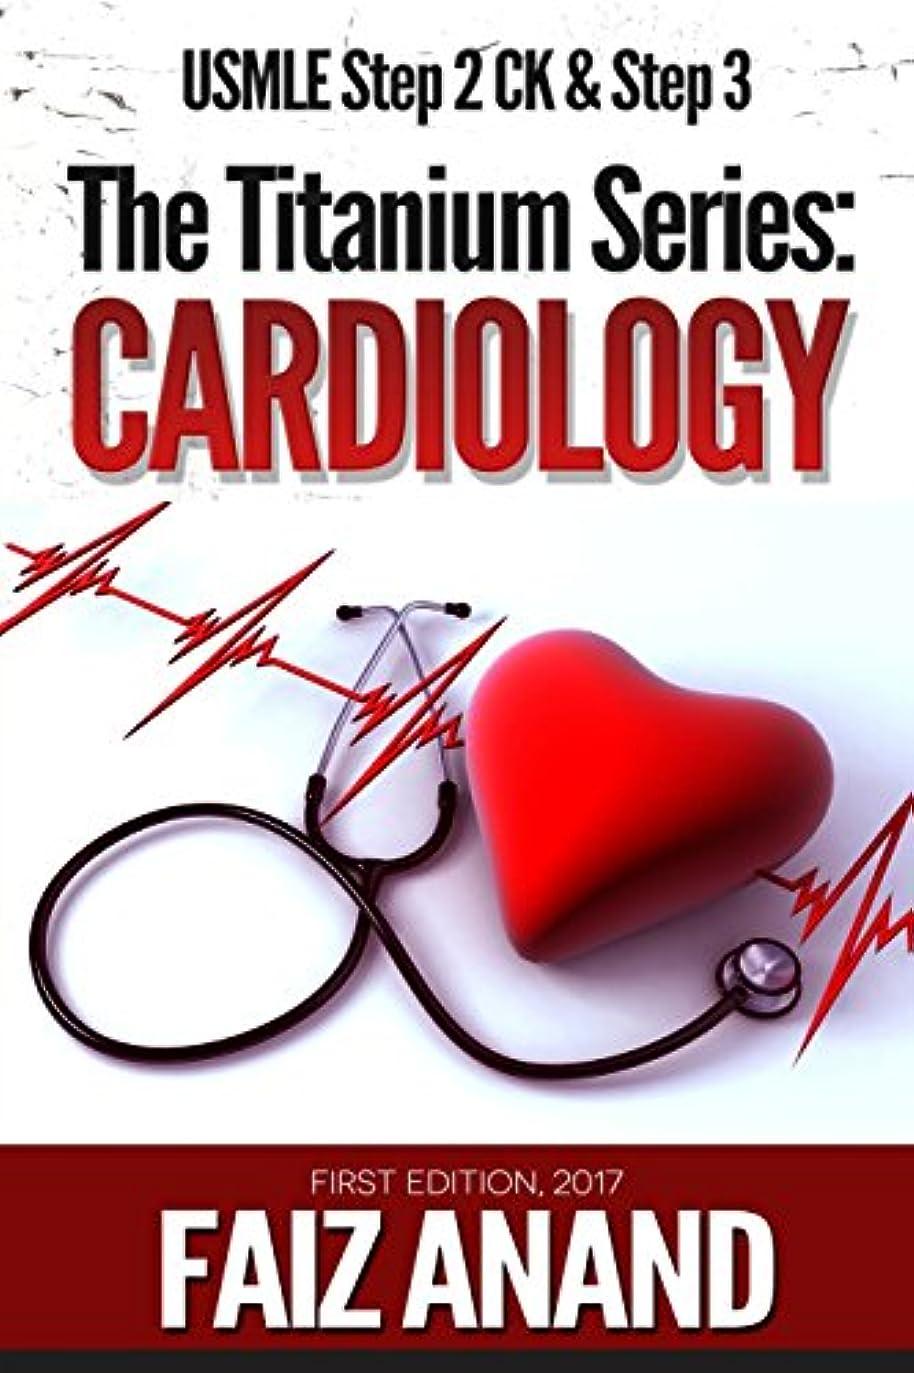 しおれた症状思われるThe Titanium Series: Cardiology for the USMLE Step 2 Ck & Step 3